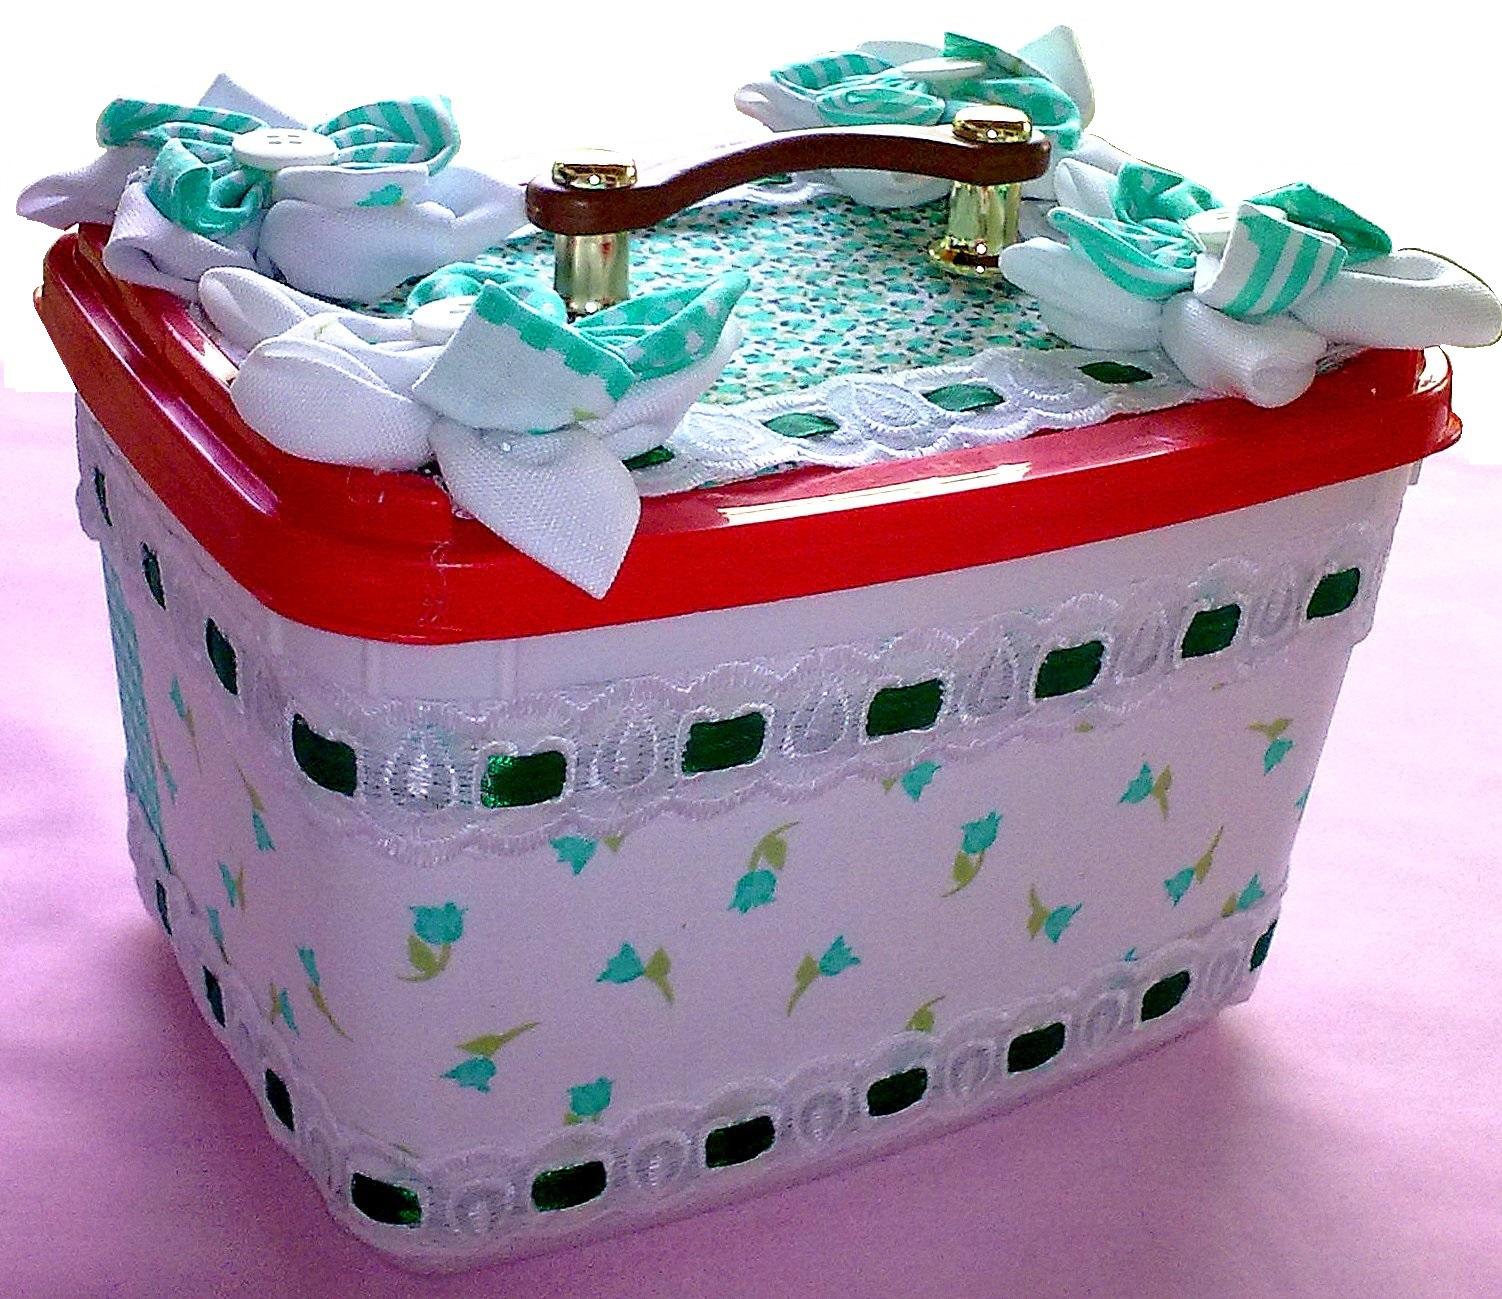 JG artesanato: Reciclados: Potes de plástico #B90408 1502x1299